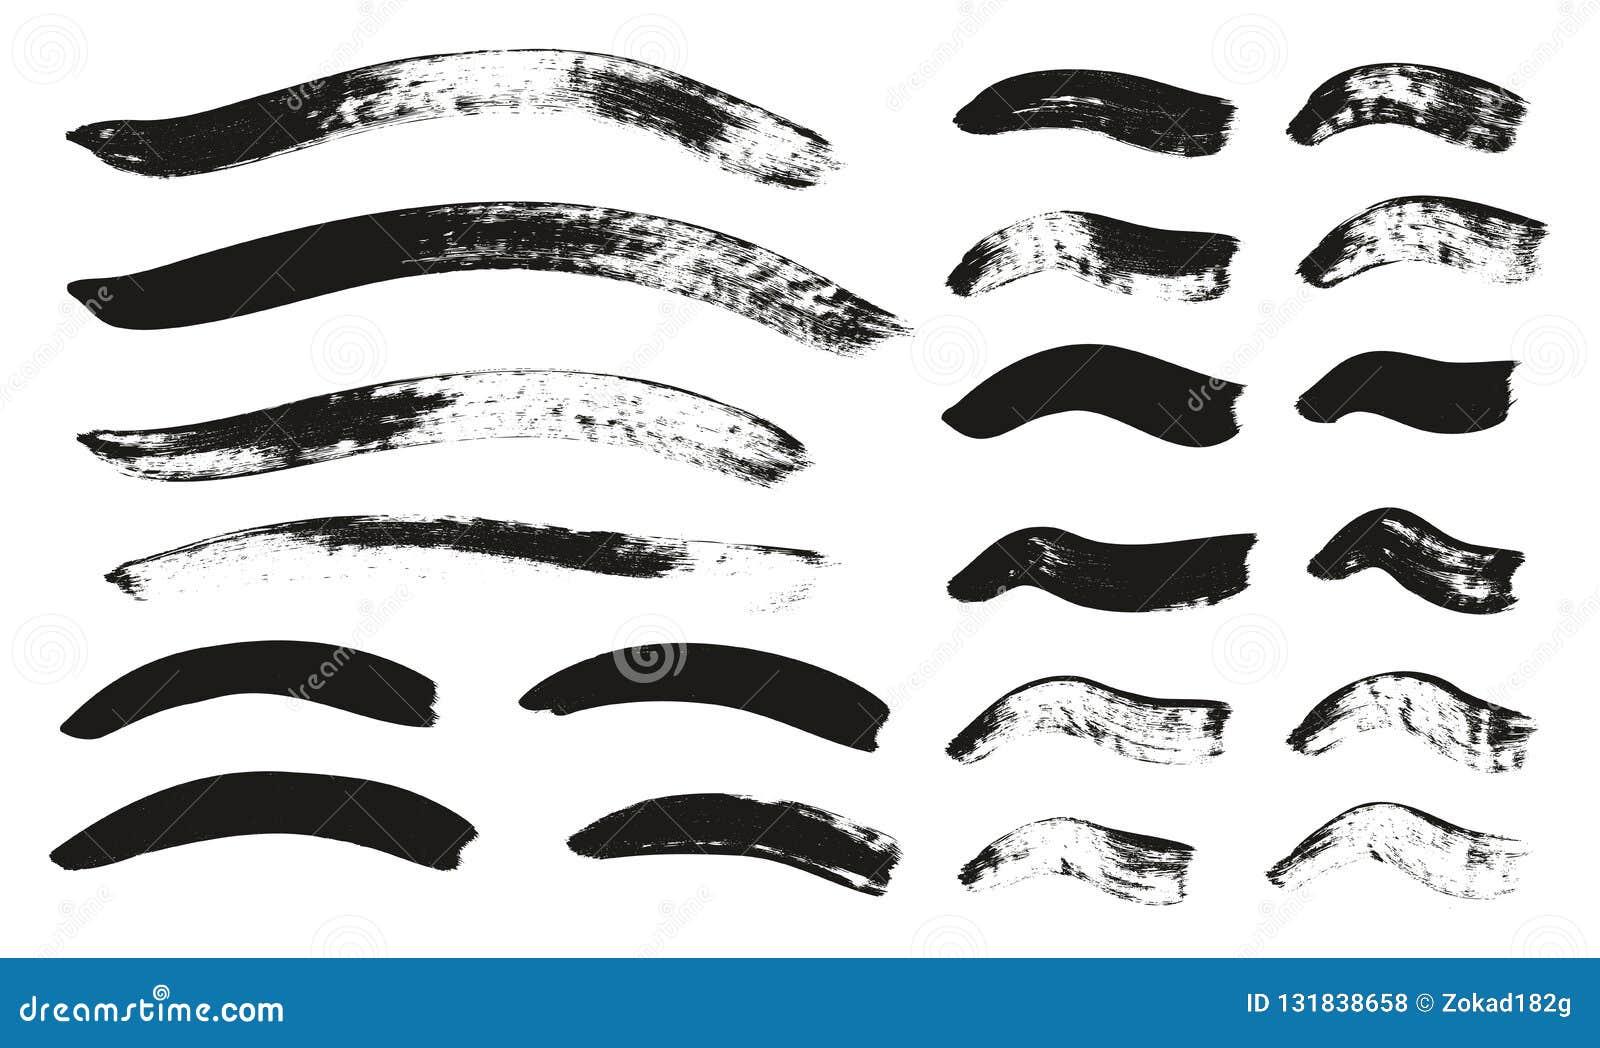 Kalligraphie-Pinsel-gekrümmte Linien führen hoch abstrakten Vektor-Hintergrund einstellten 119 einzeln auf